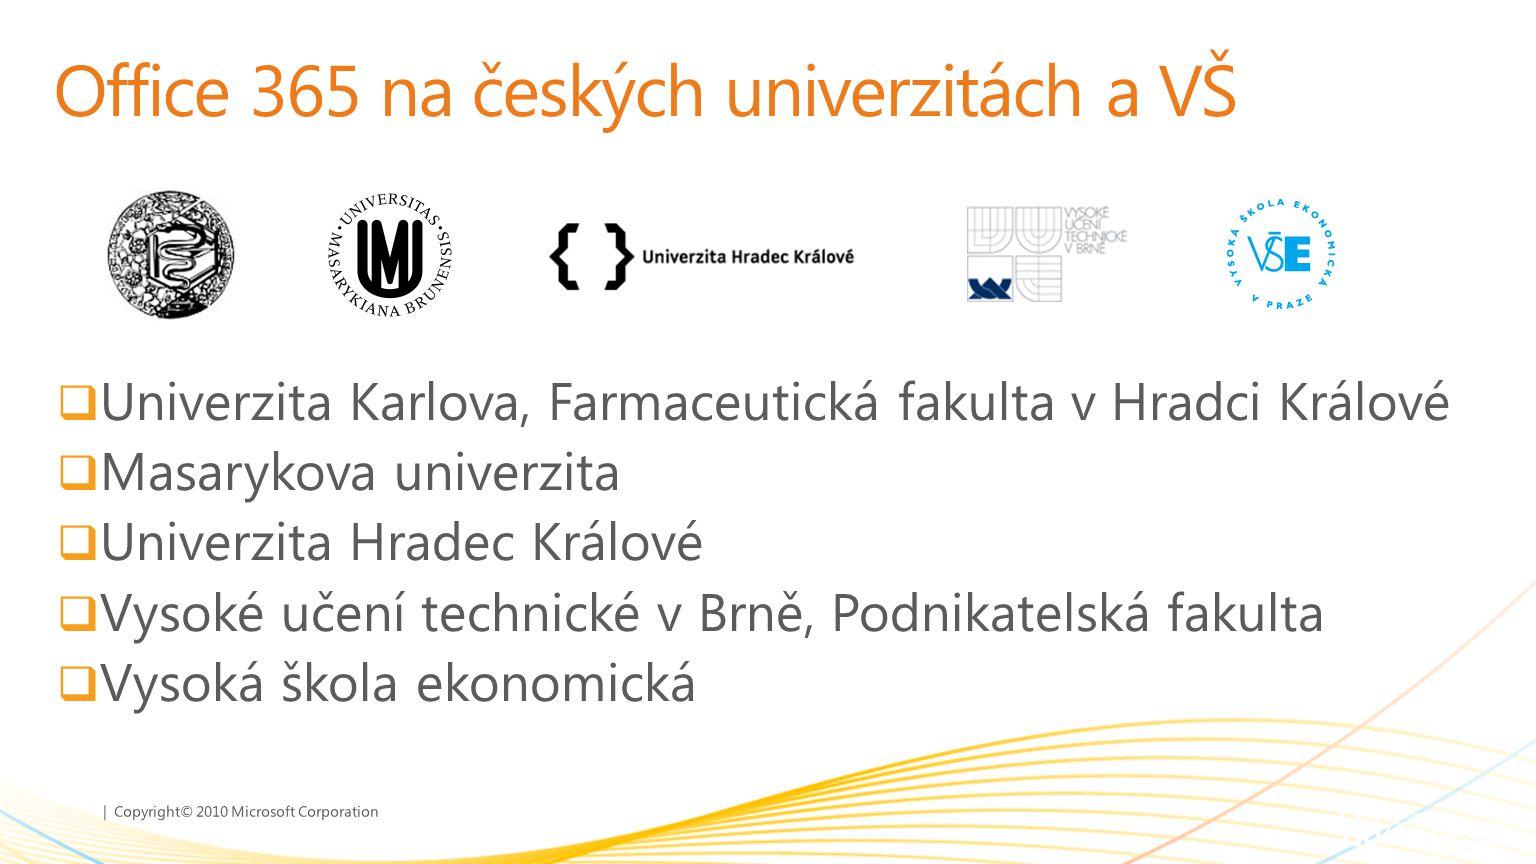 | Copyright© 2010 Microsoft Corporation Office 365 na českých univerzitách a VŠ  Univerzita Karlova, Farmaceutická fakulta v Hradci Králové  Masaryk